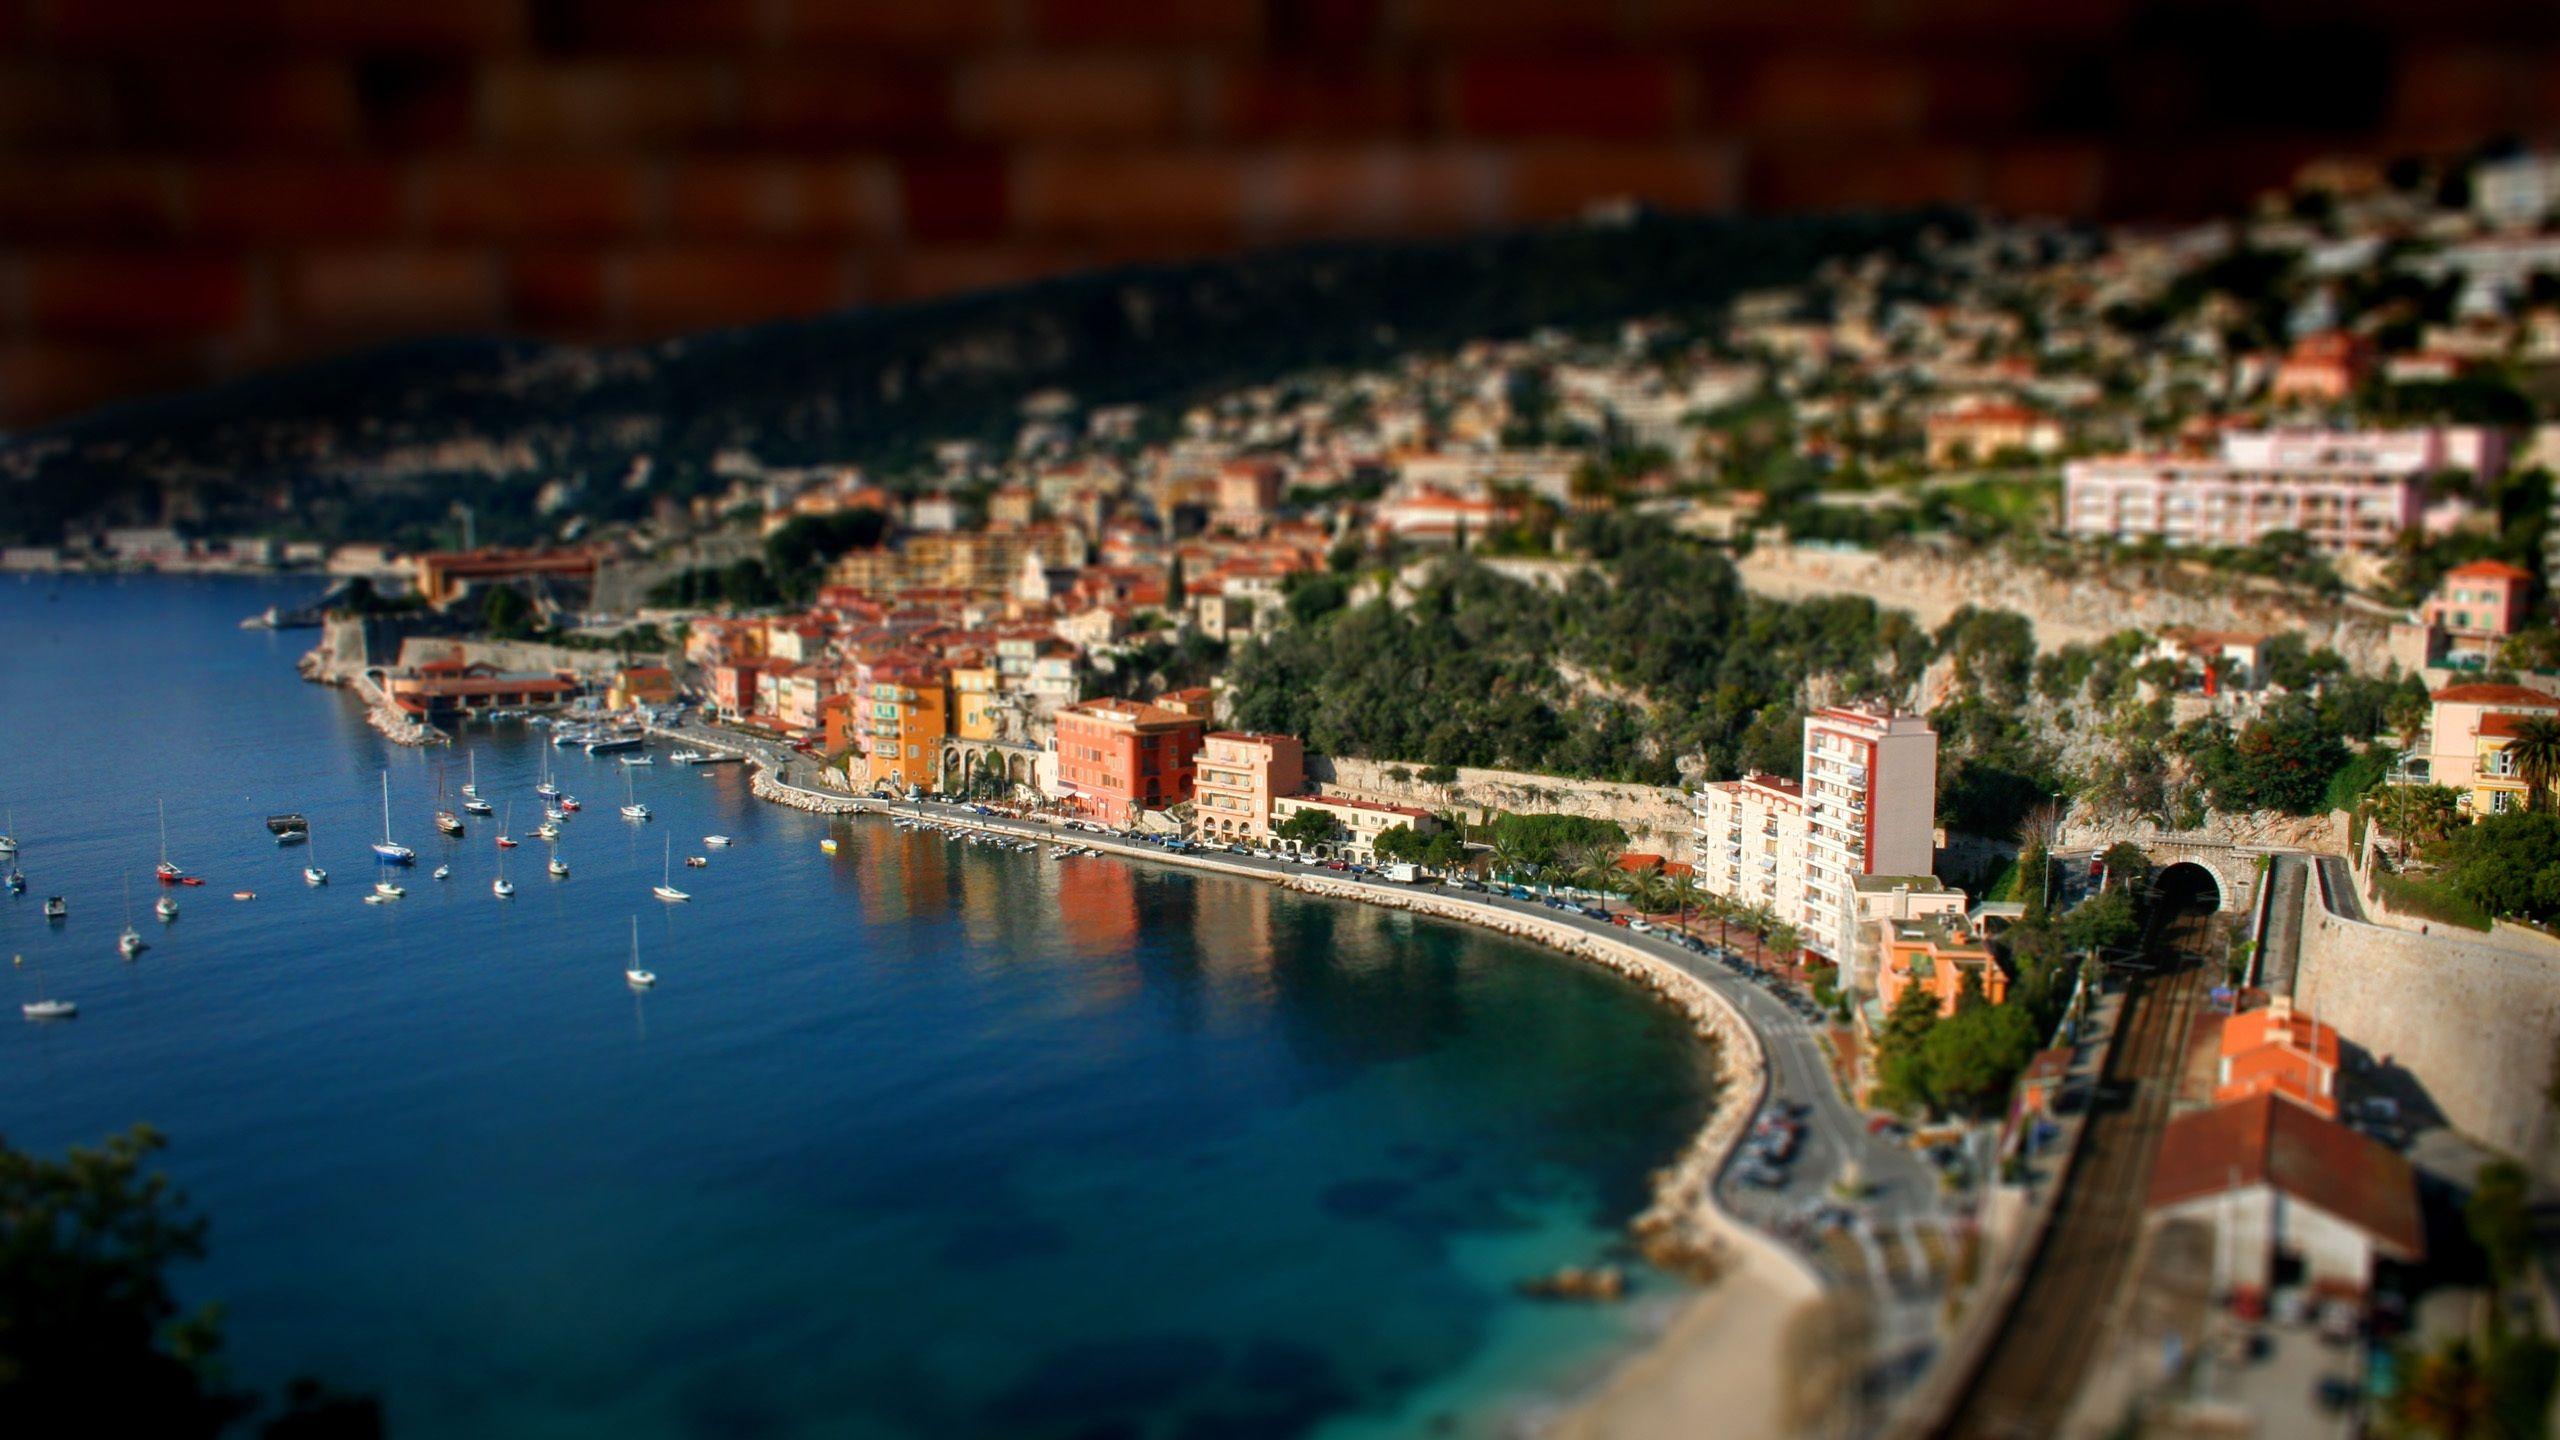 ポートミニチュアの風景写真 壁紙 2560x1440 風景写真 ジオラマ 風景